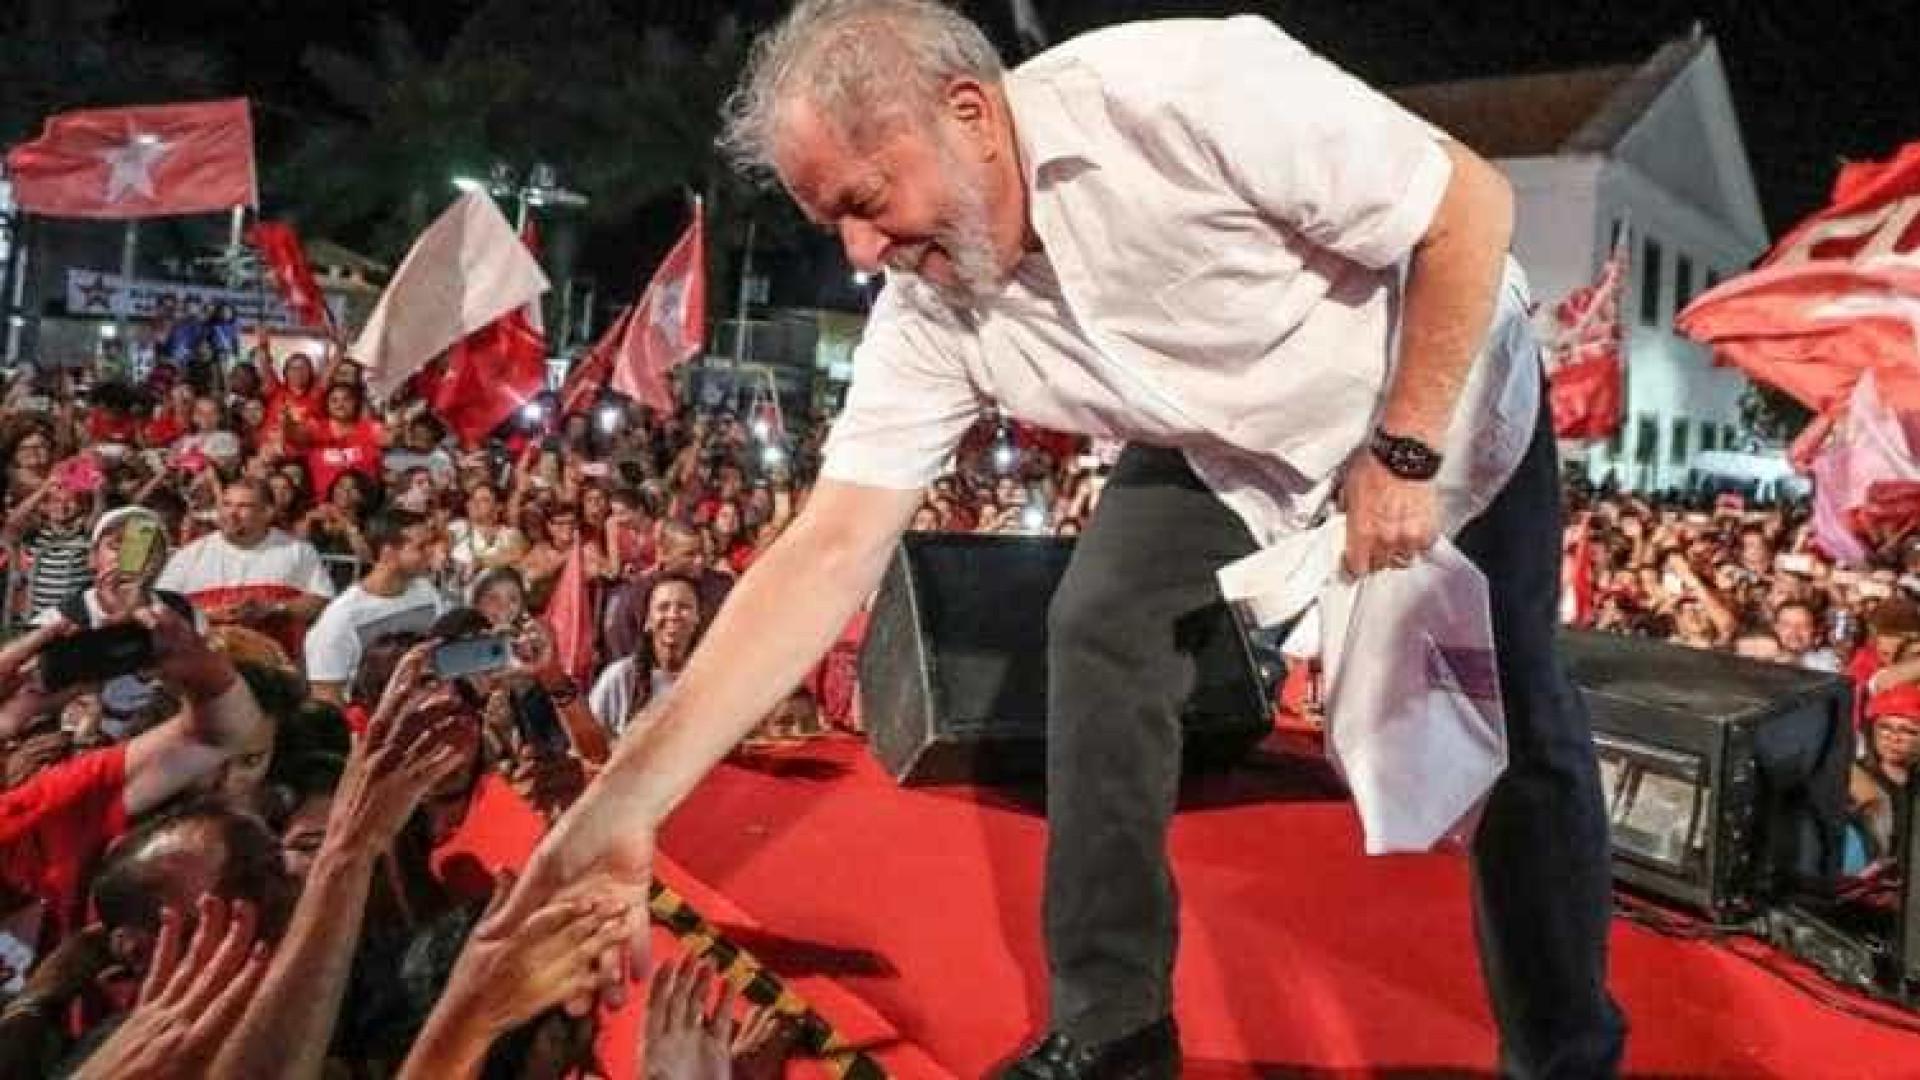 Em viagem pelo Rio, Lula tenta se contrapor a discurso de Bolsonaro